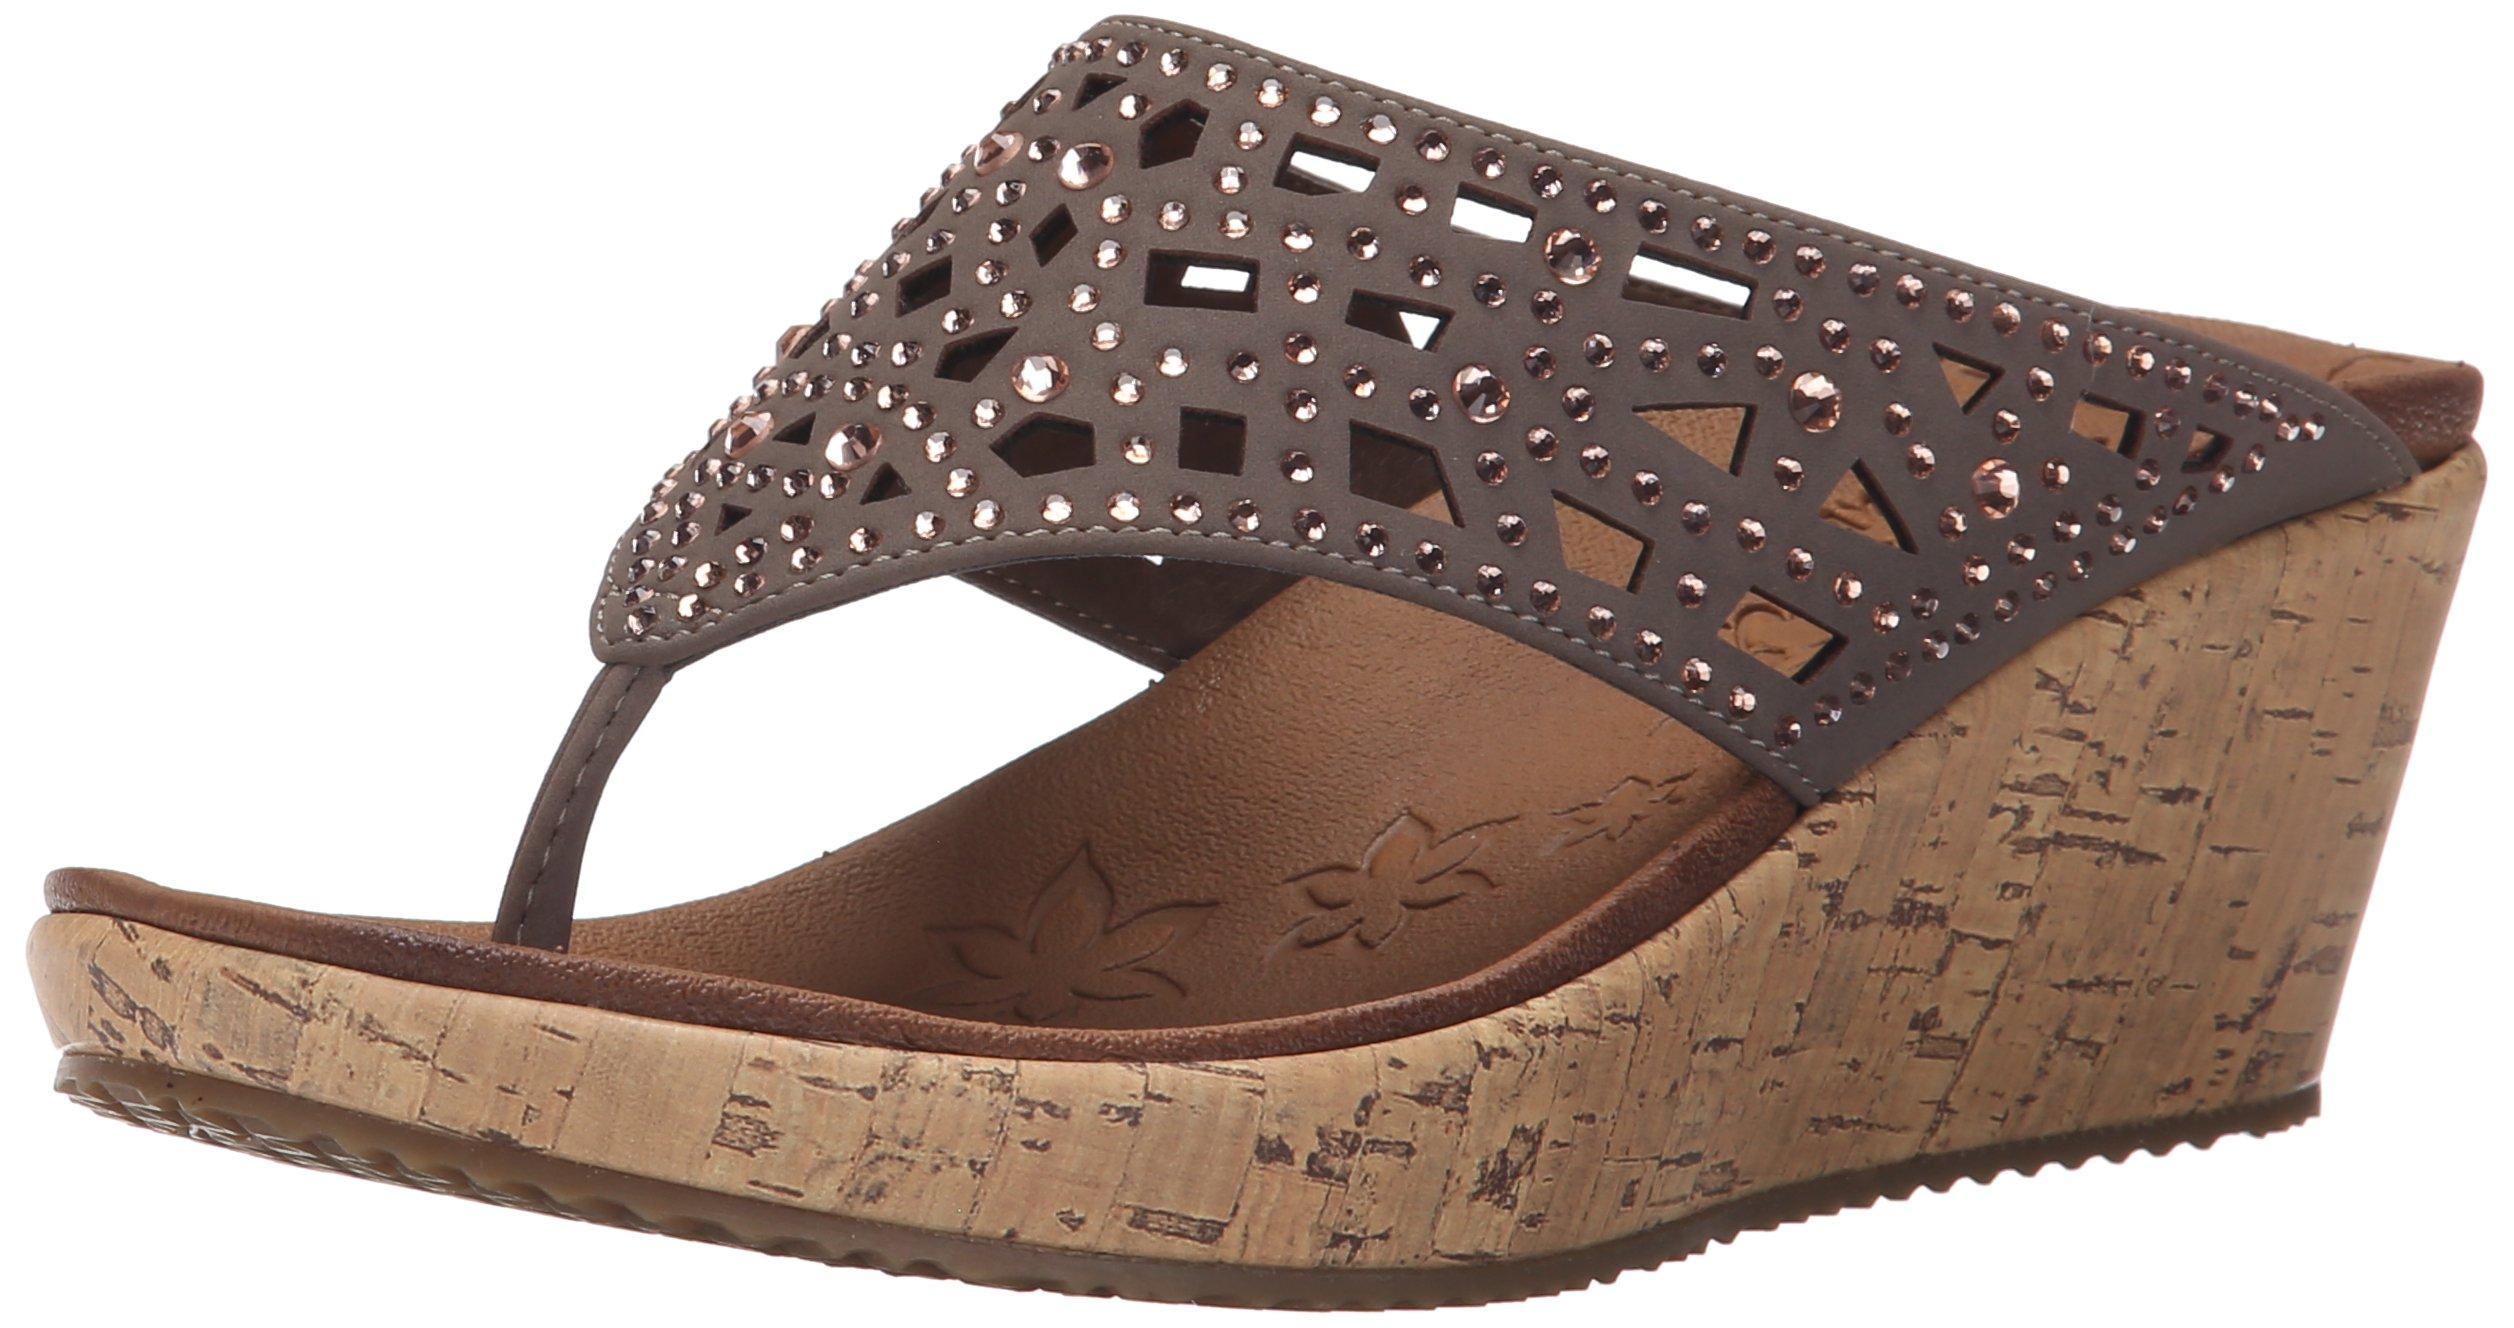 Skechers Cali Women's Beverlee Wedge Sandal,Taupe,8 M US by Skechers